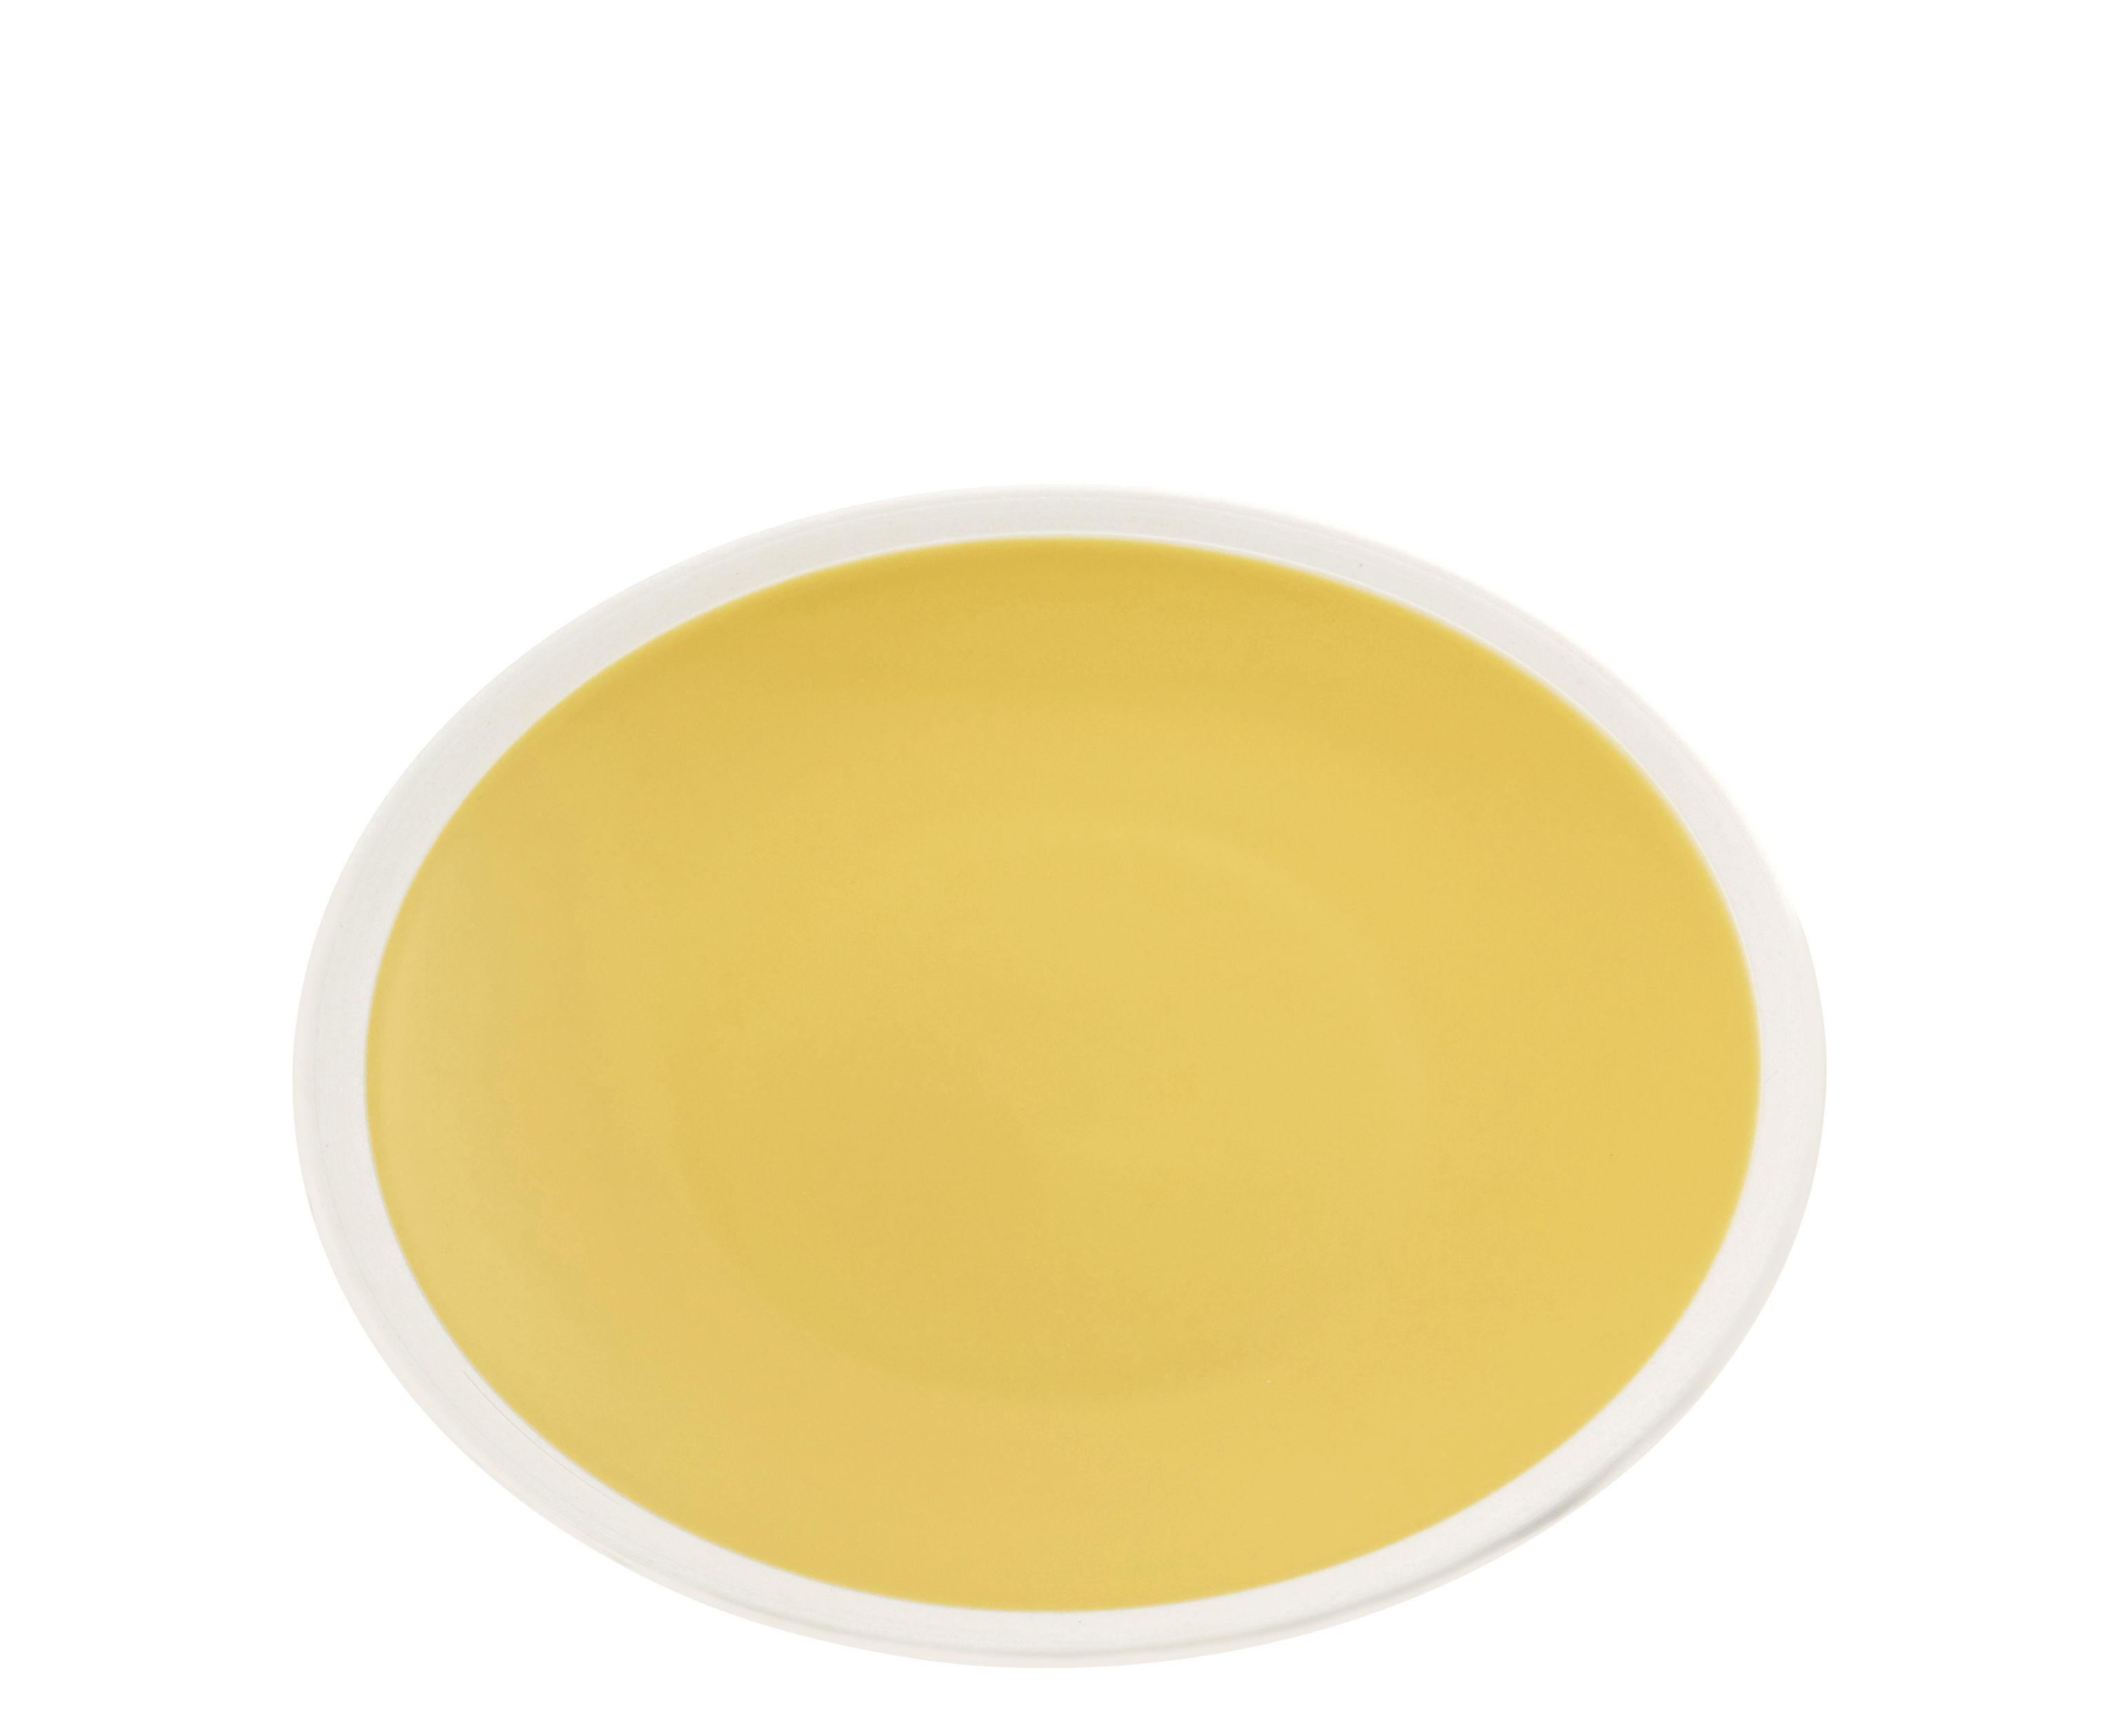 Tischkultur - Teller - Sicilia Dessertteller / Ø 20 cm - Maison Sarah Lavoine - Sonnenblume / weiß - Feinsteinzeug, bemalt und glasiert